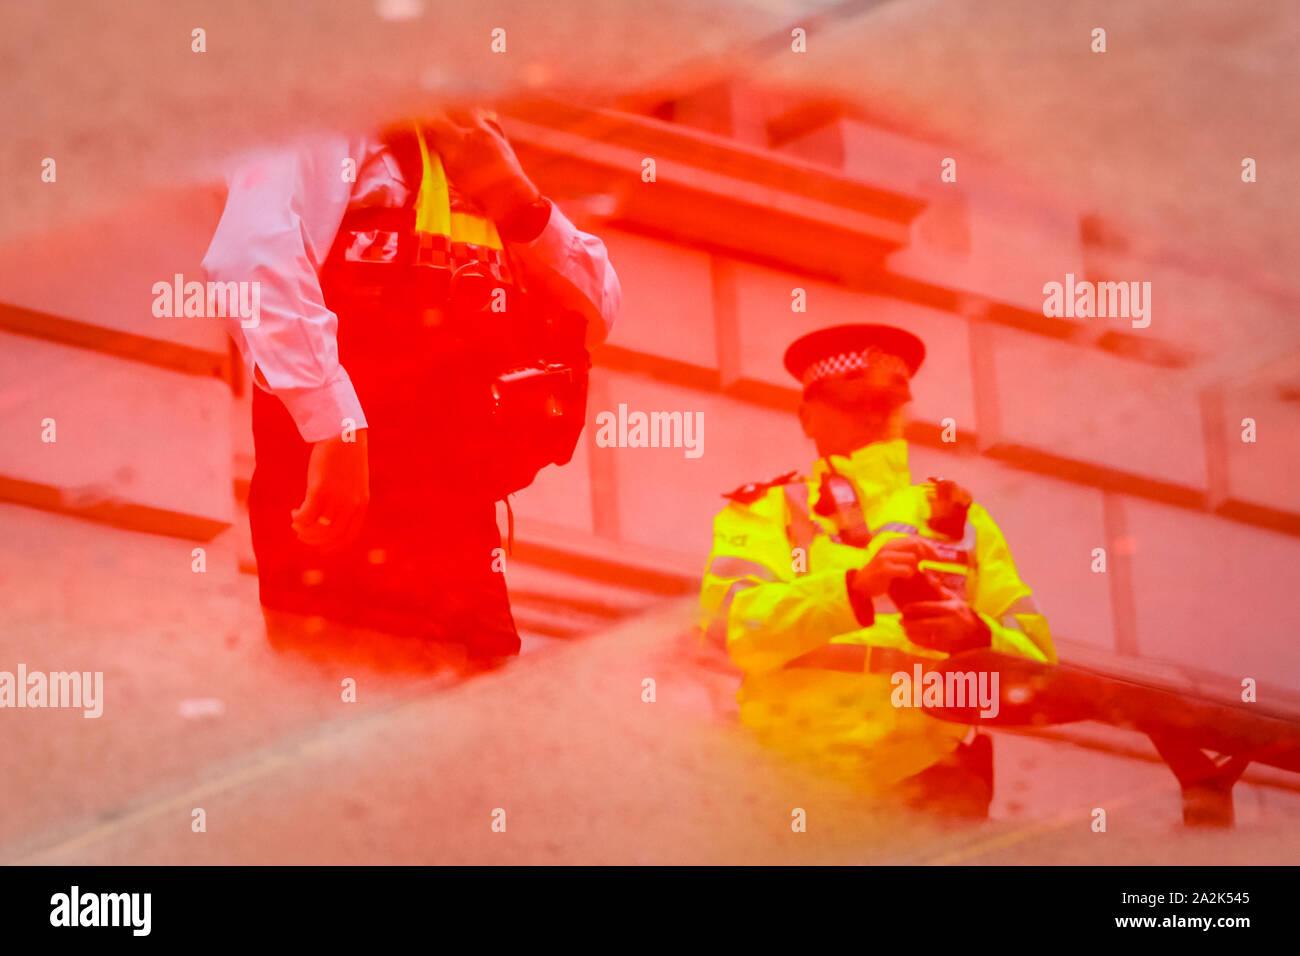 HM Treasury, Westminster, London, UK. 06Th Oct, 2019. Les agents de police sont reflétées dans une flaque de sang rouge faux extérieur HM Treasury. Rébellion Extinction manifestants ont pulvérisé l'extérieur de l'immeuble du Trésor à Westminster avec faux sang de la durit d'une friche à incendie et sont arrêtés sous forte présence policière. Credit: Imageplotter/Alamy Live News Banque D'Images